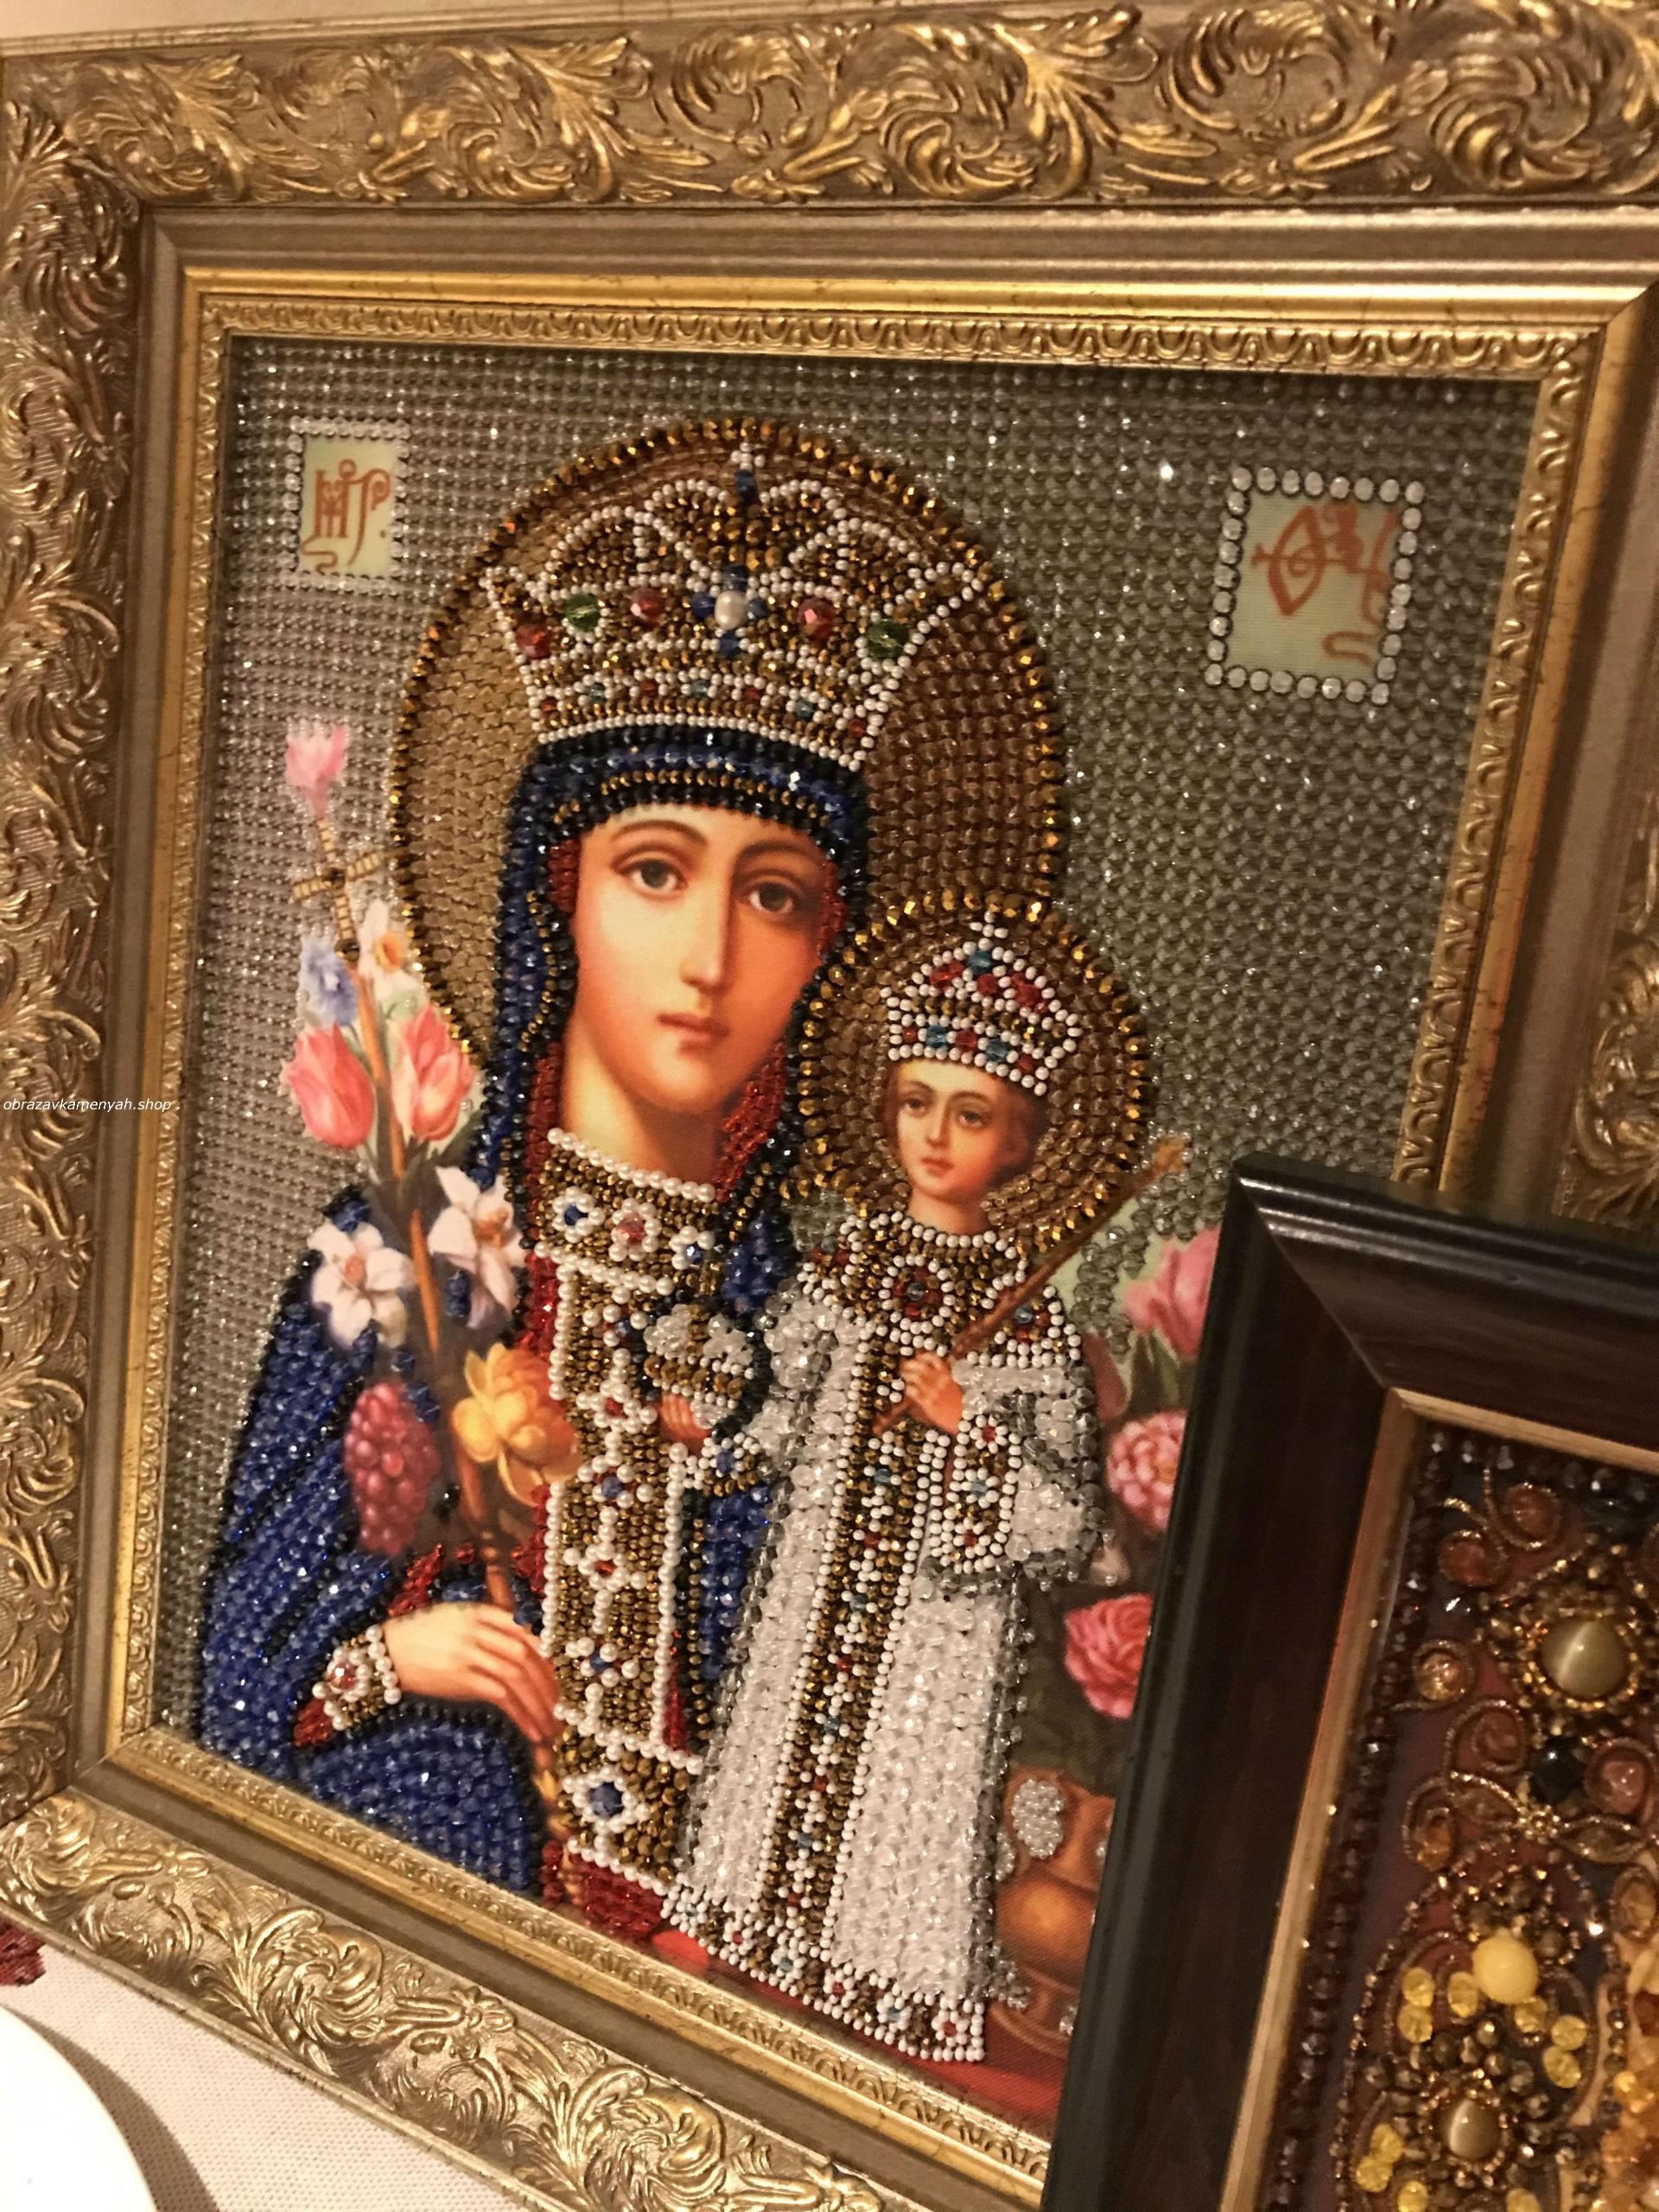 Образа в каменьях икона Богородица Неувядаемый цвет вышитая икона